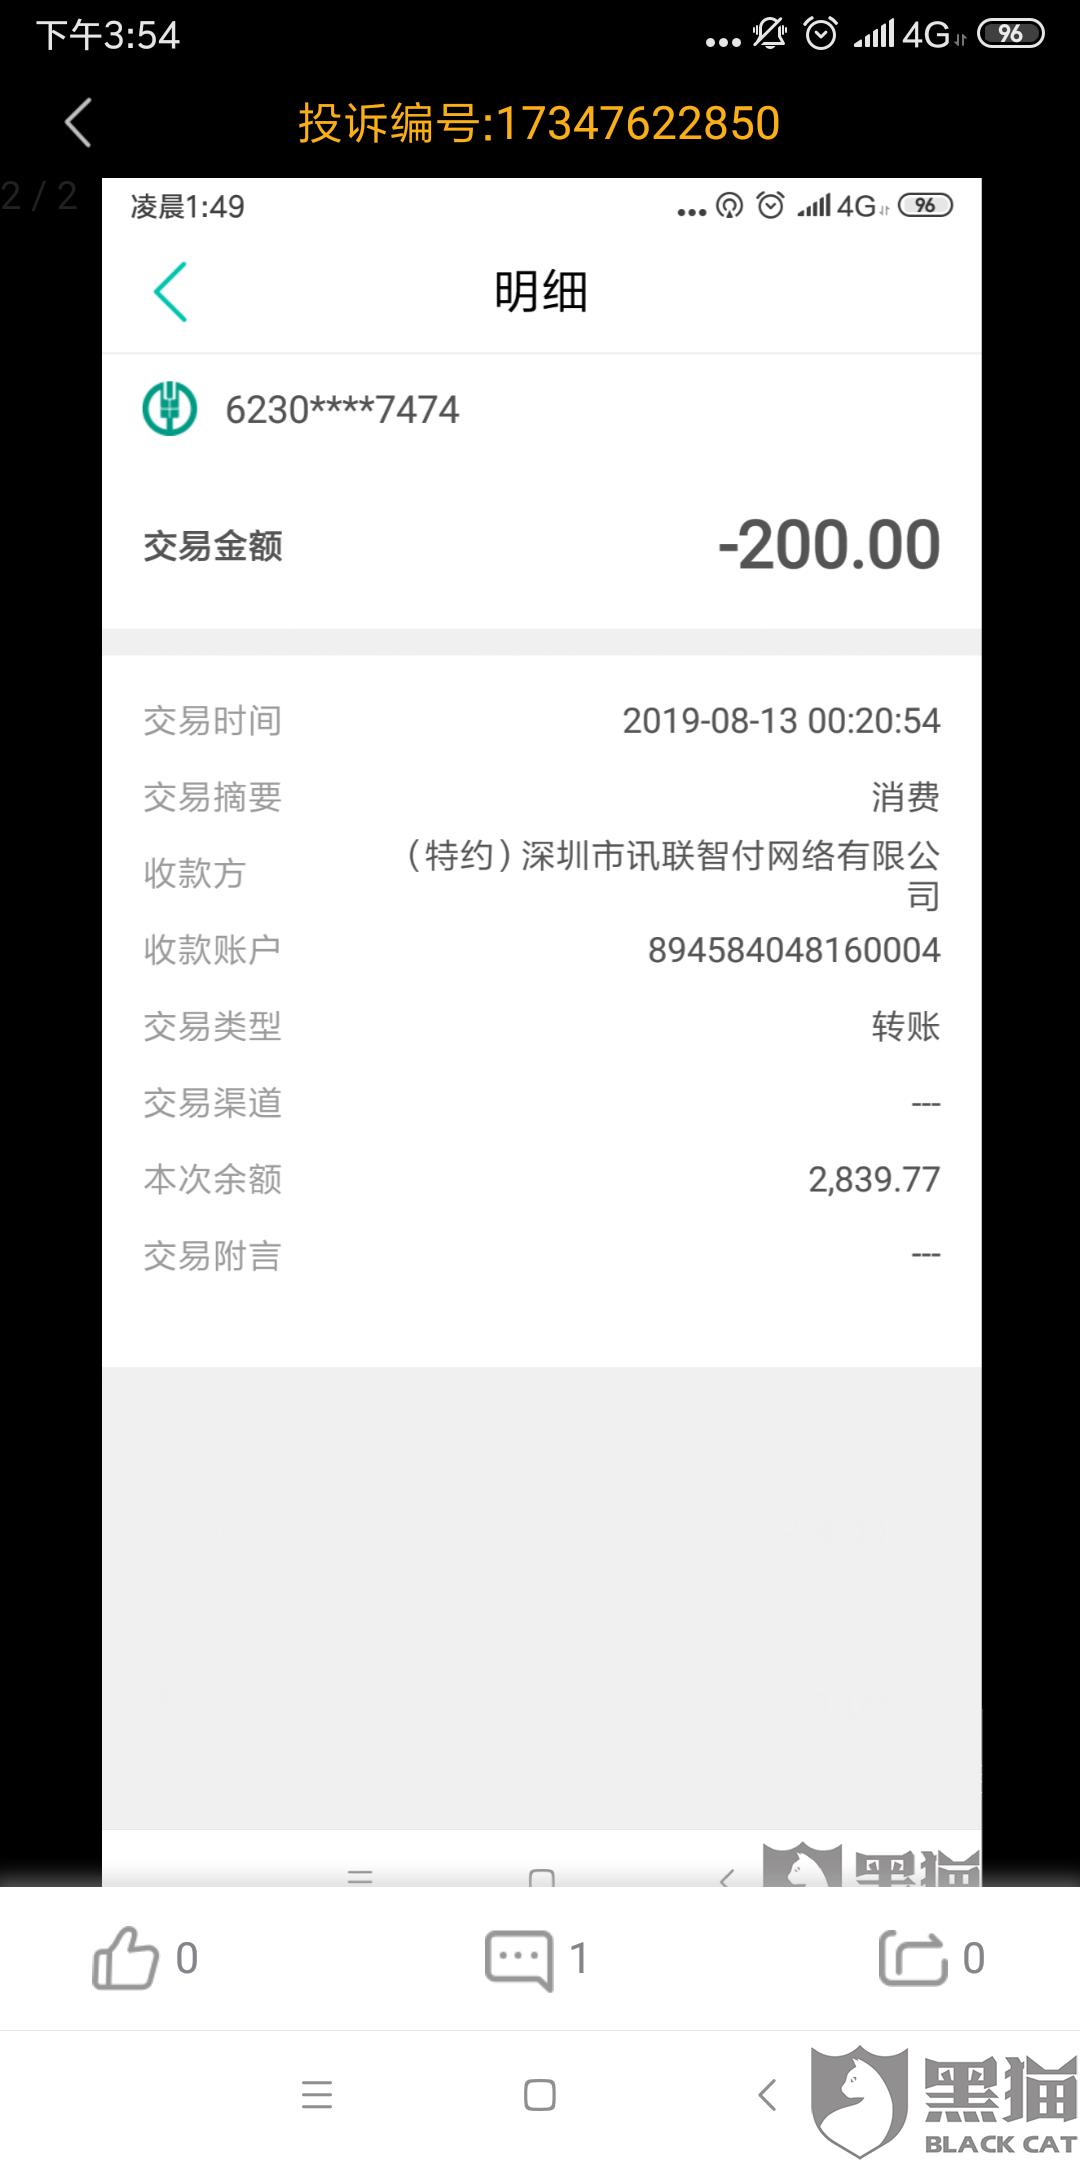 黑猫投诉:深圳讯联智付有限公司从别人银行卡里私自取钱